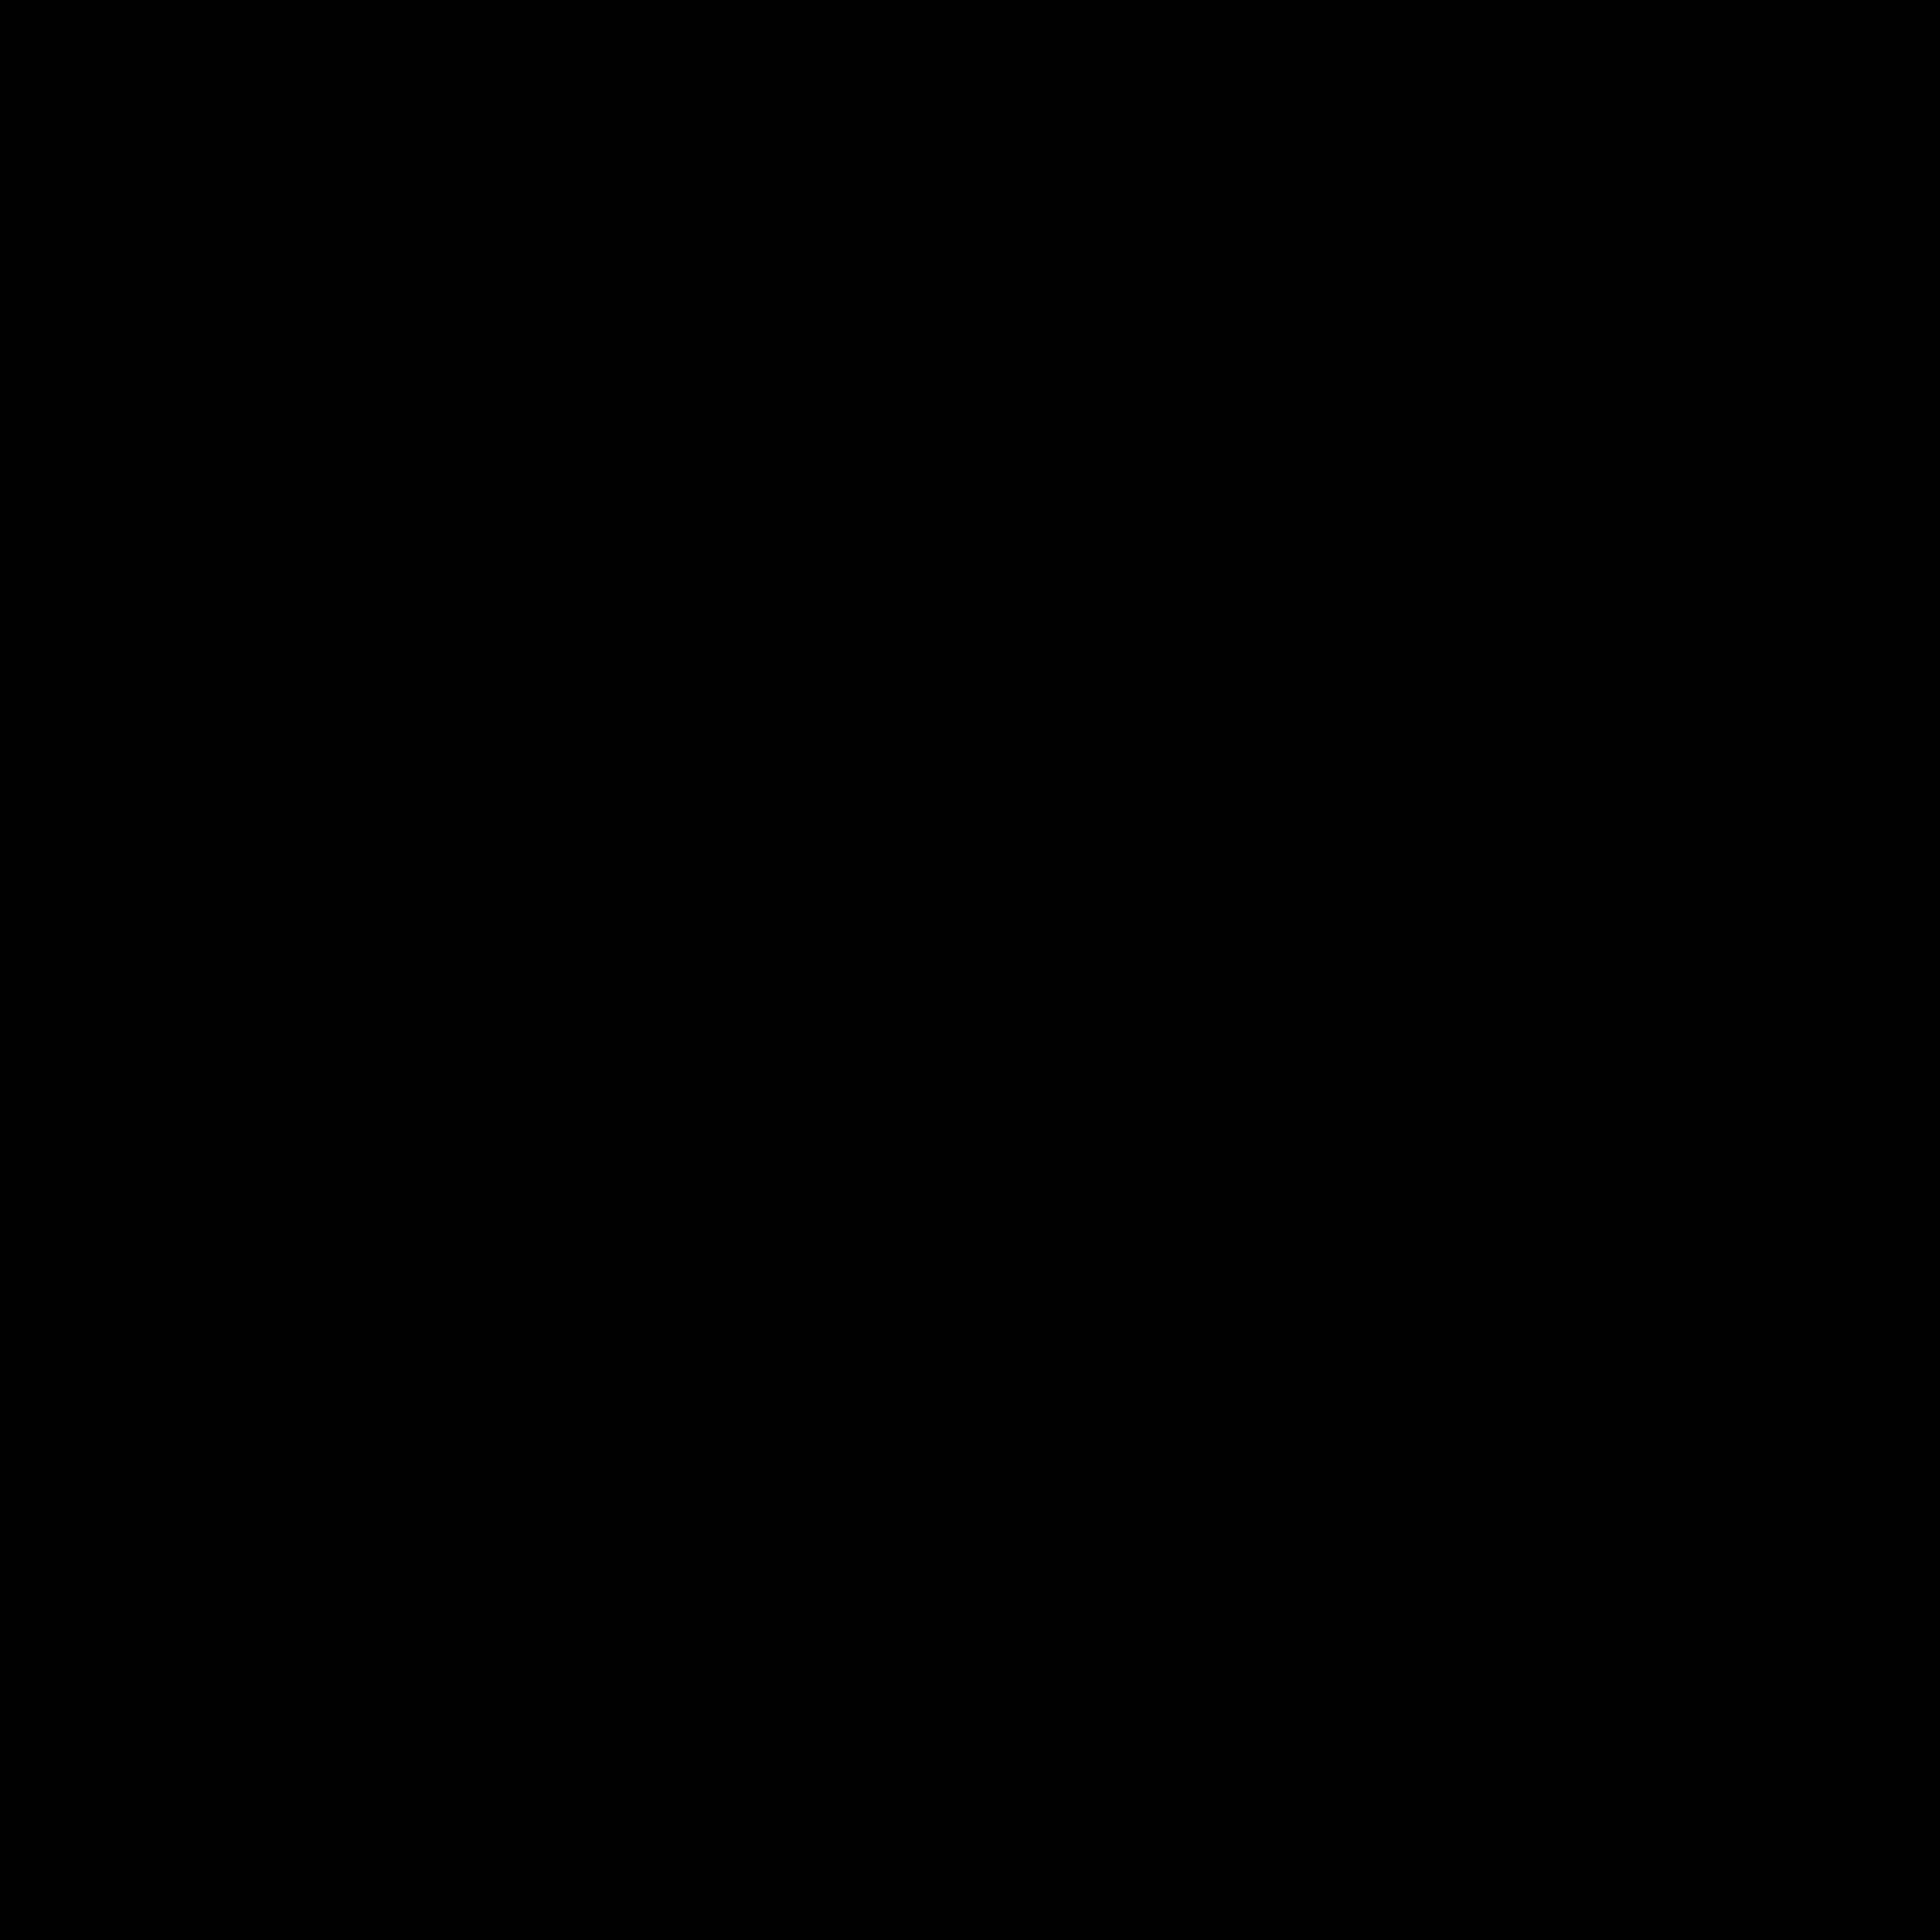 E9 BLACK OPAQUE